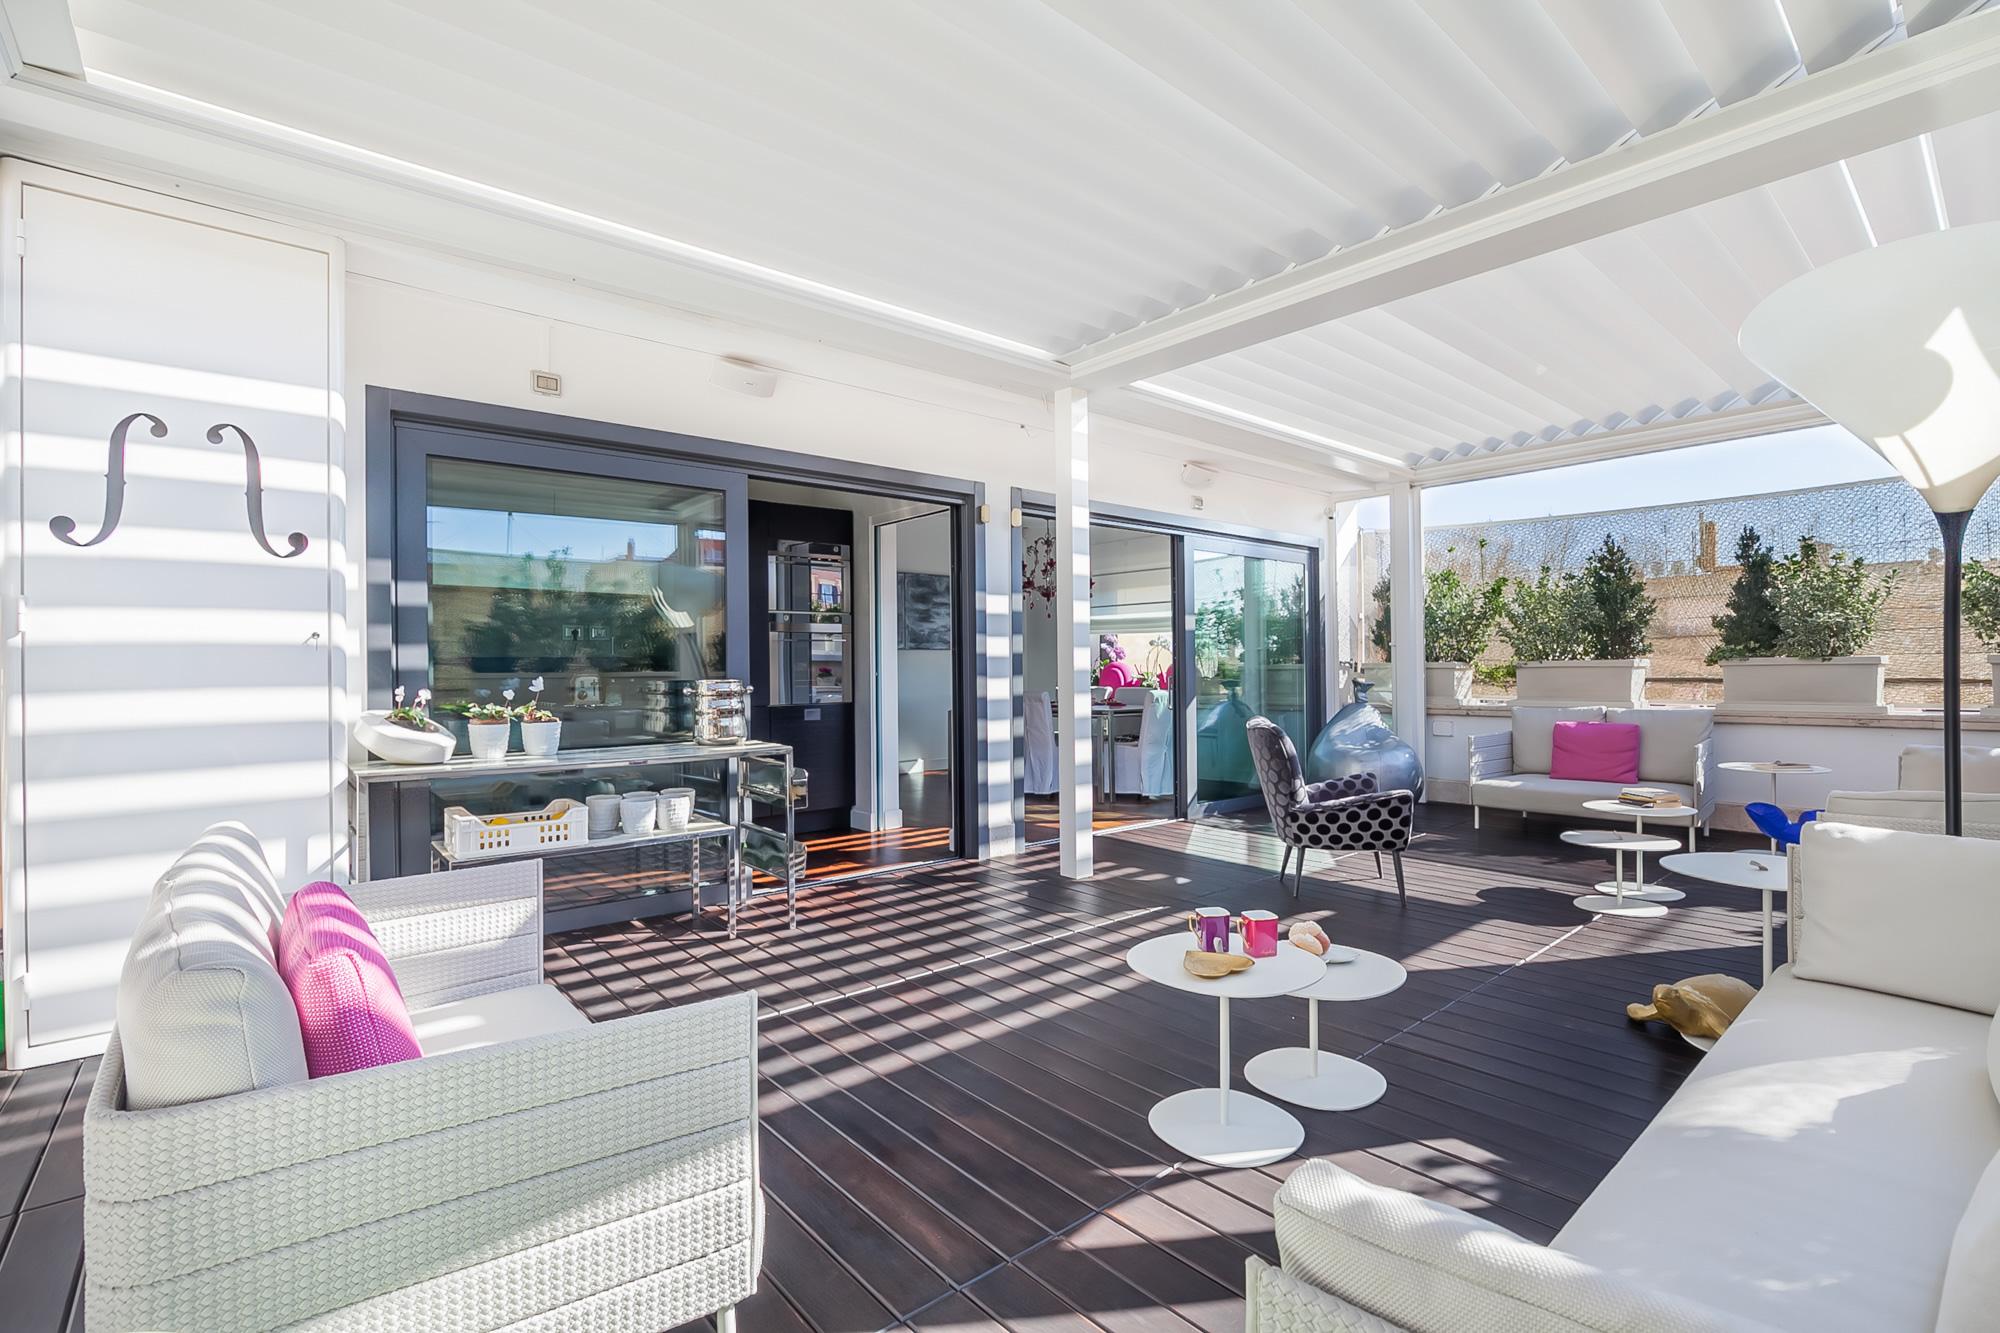 fantastic-home-silvia-zamarion-architetto-roma-home-001-8